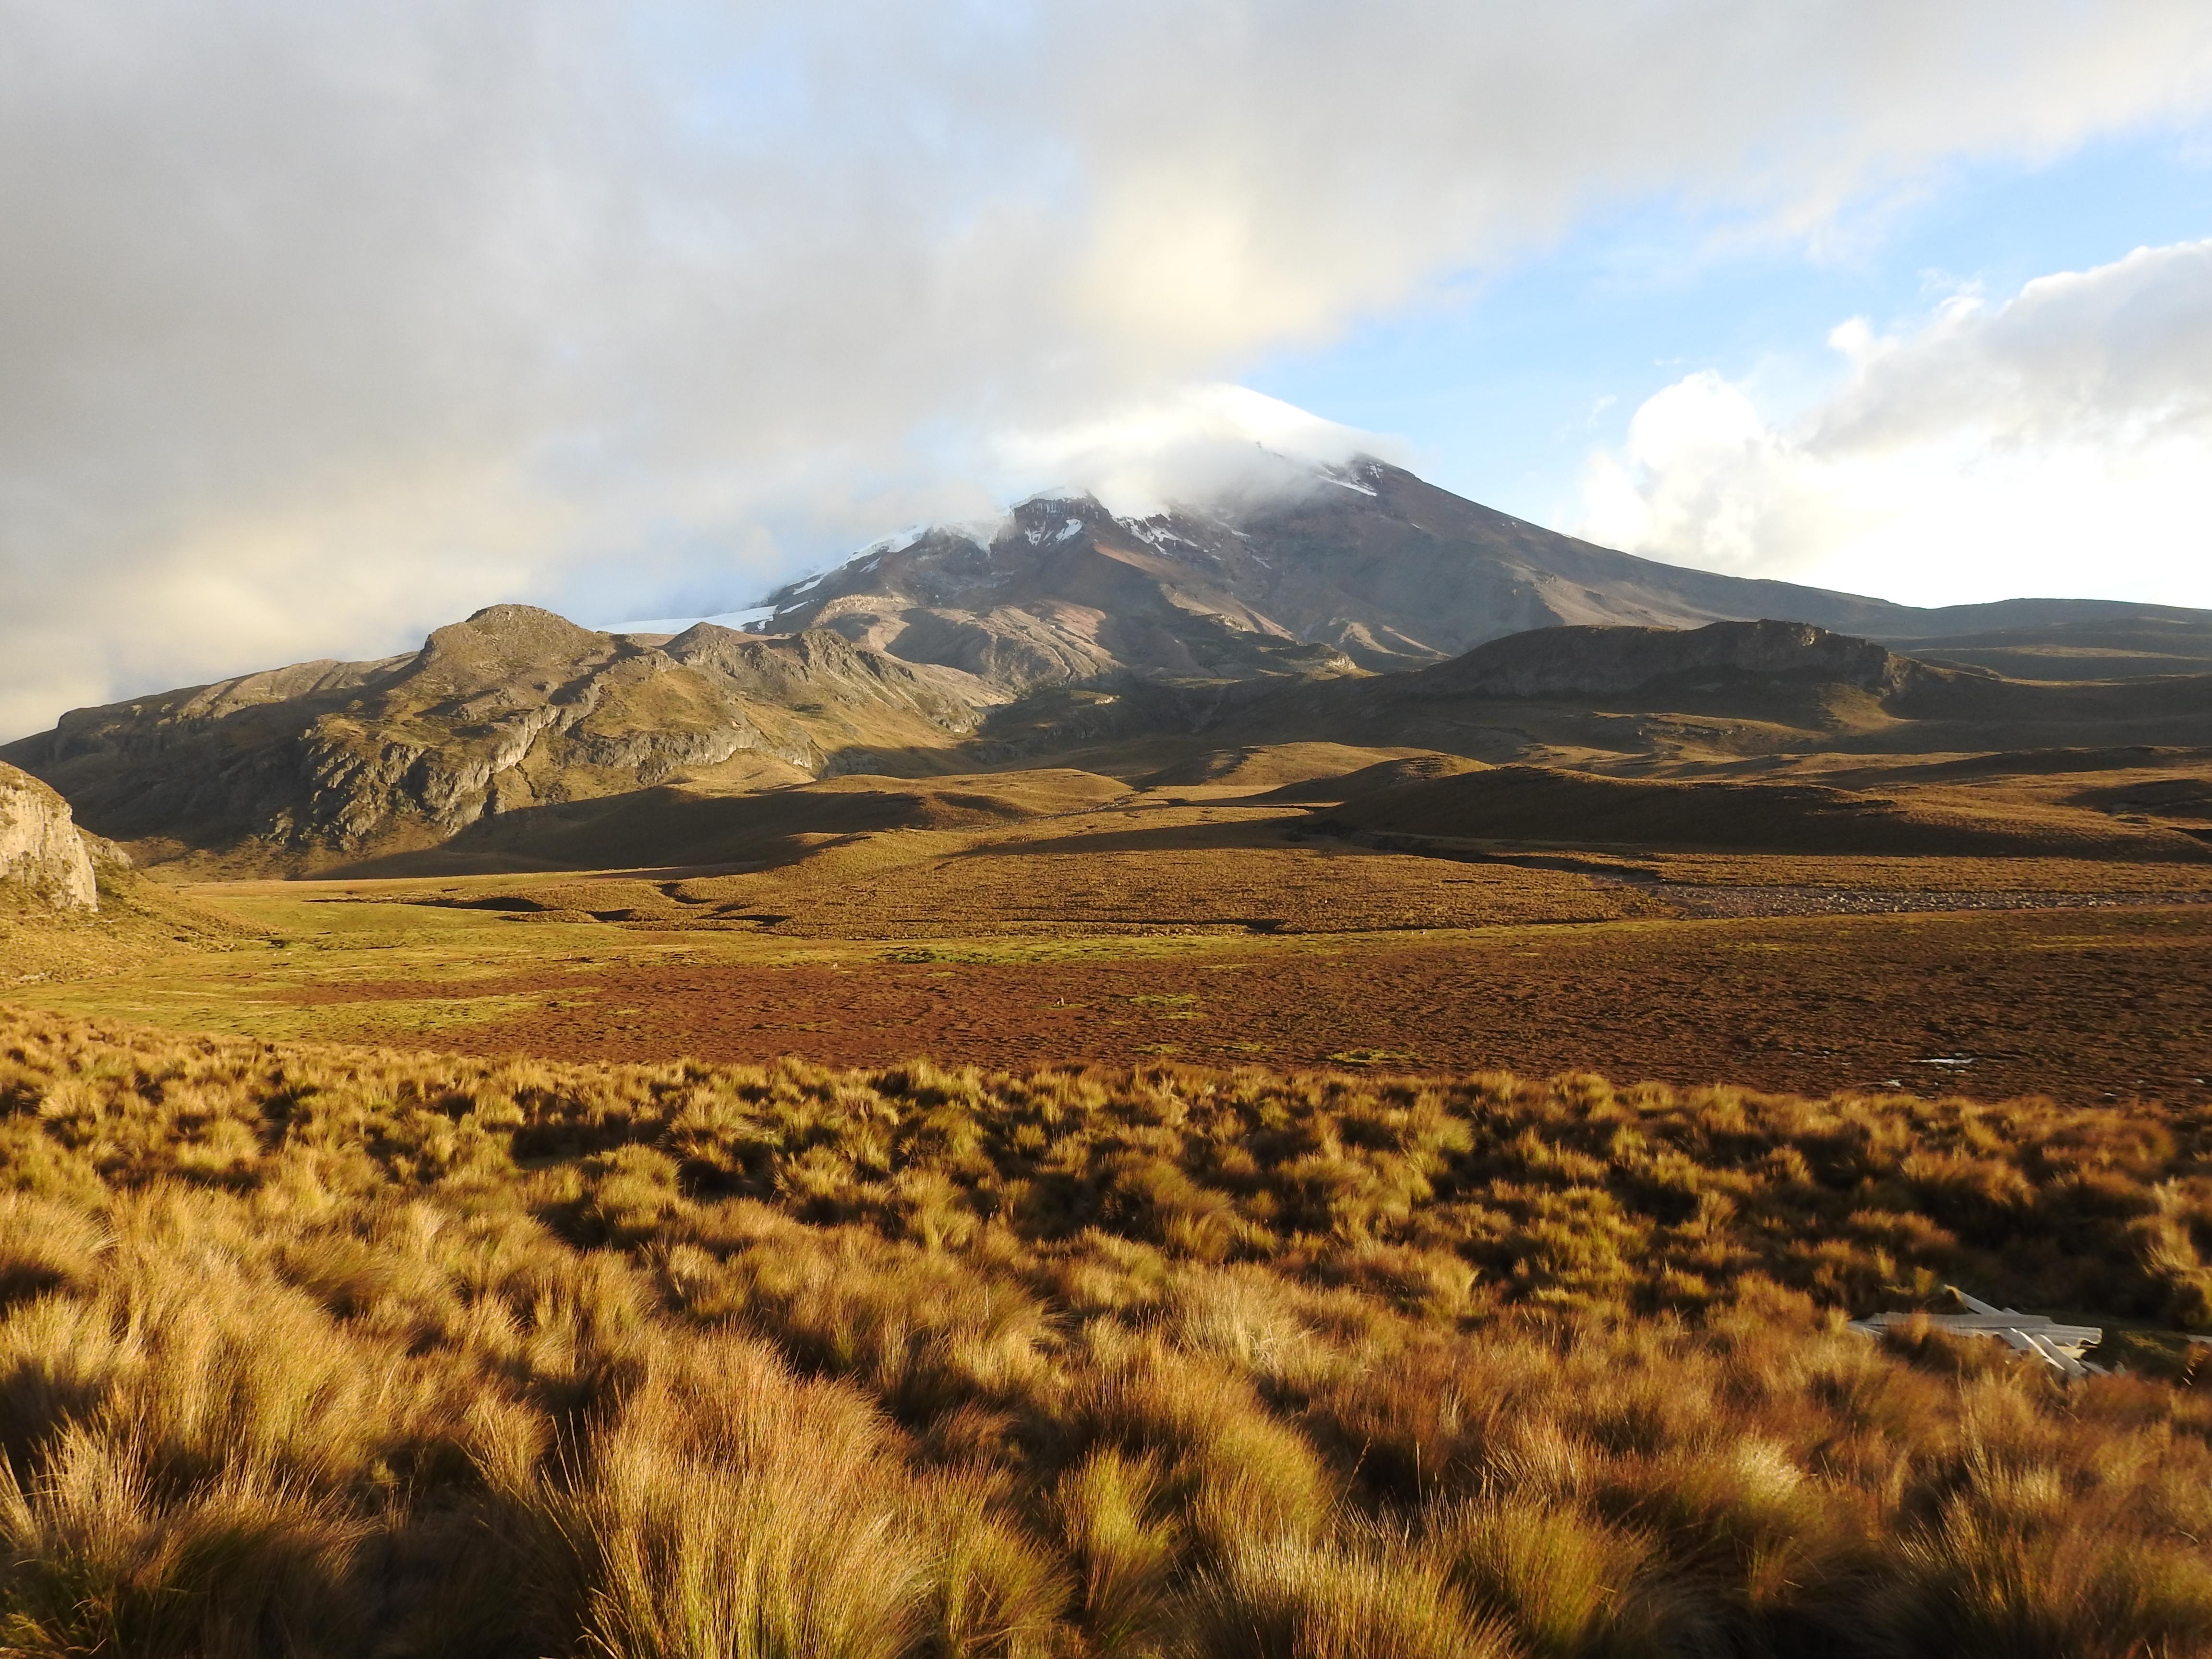 Hiking Chimborazo